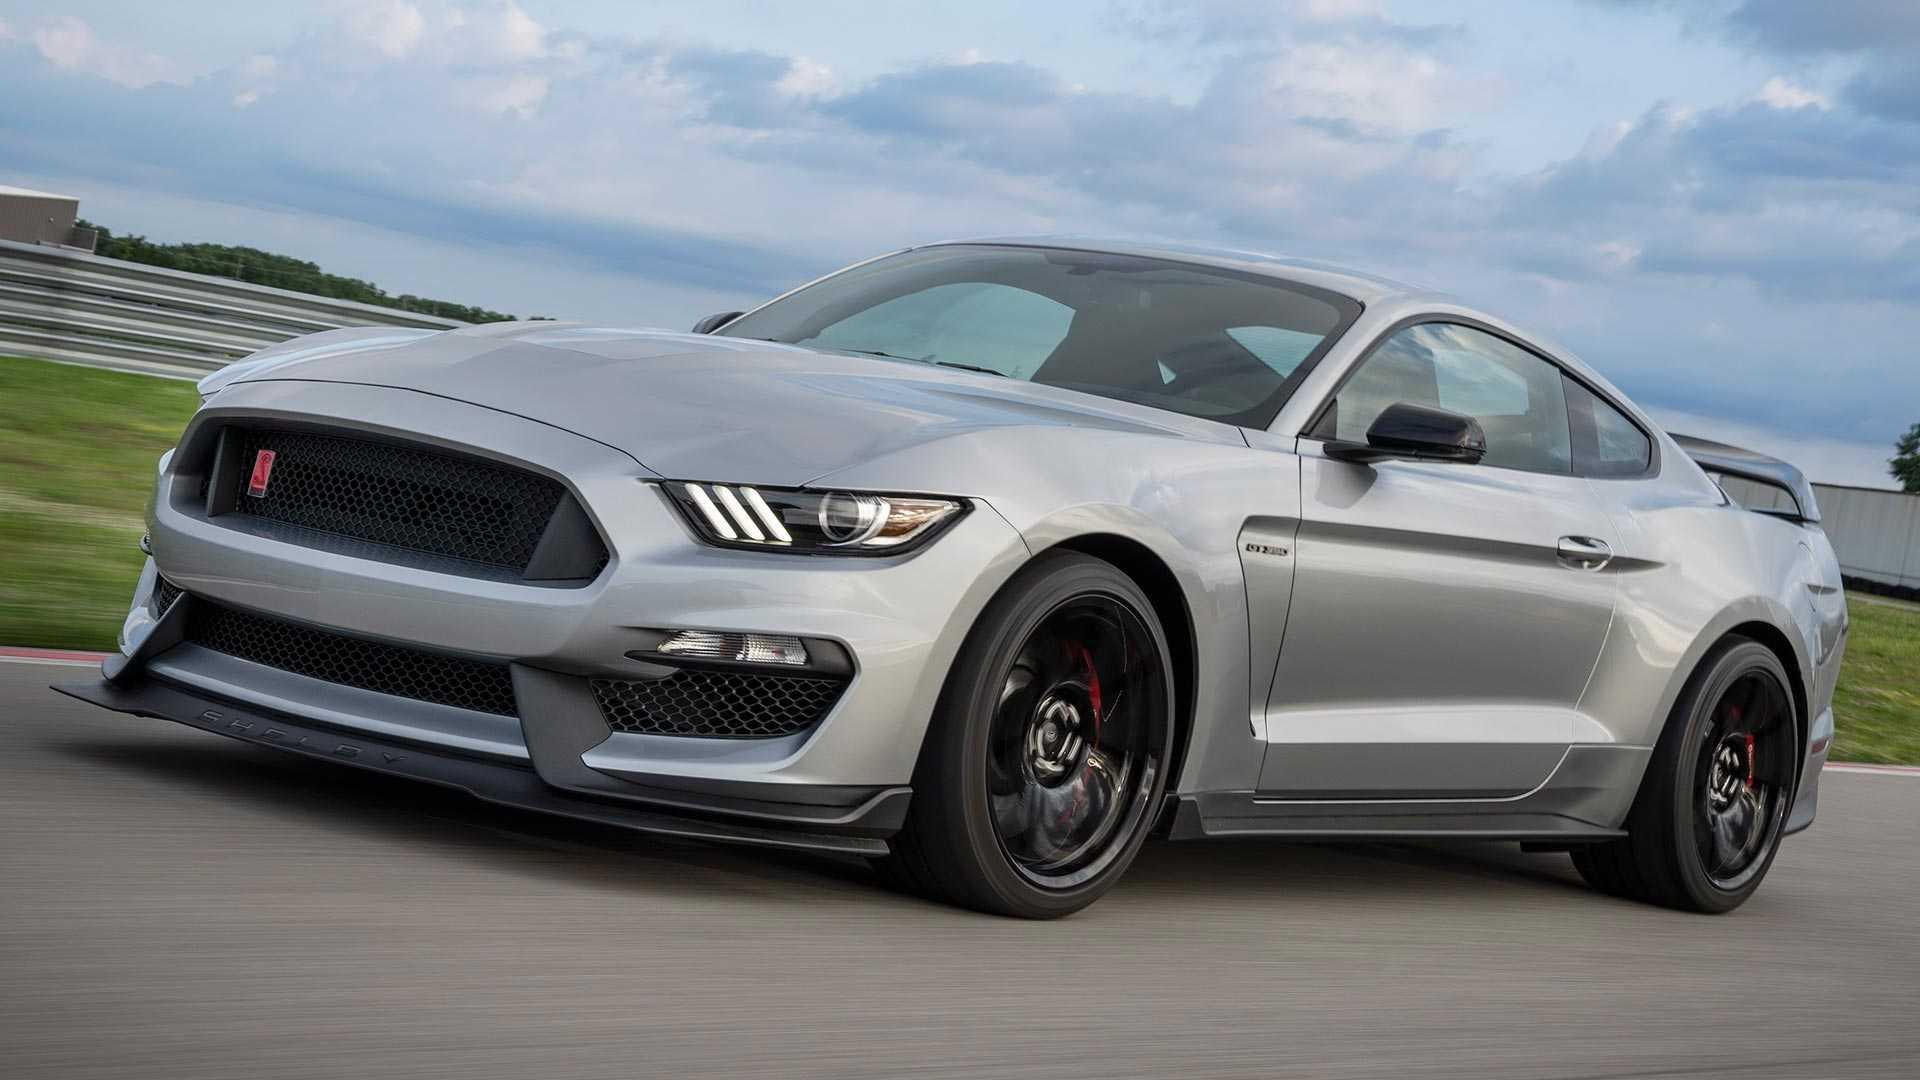 Ford Mustang Shelby GT350R 2020 : Suspensi, Rem, dan Harga Meningkat